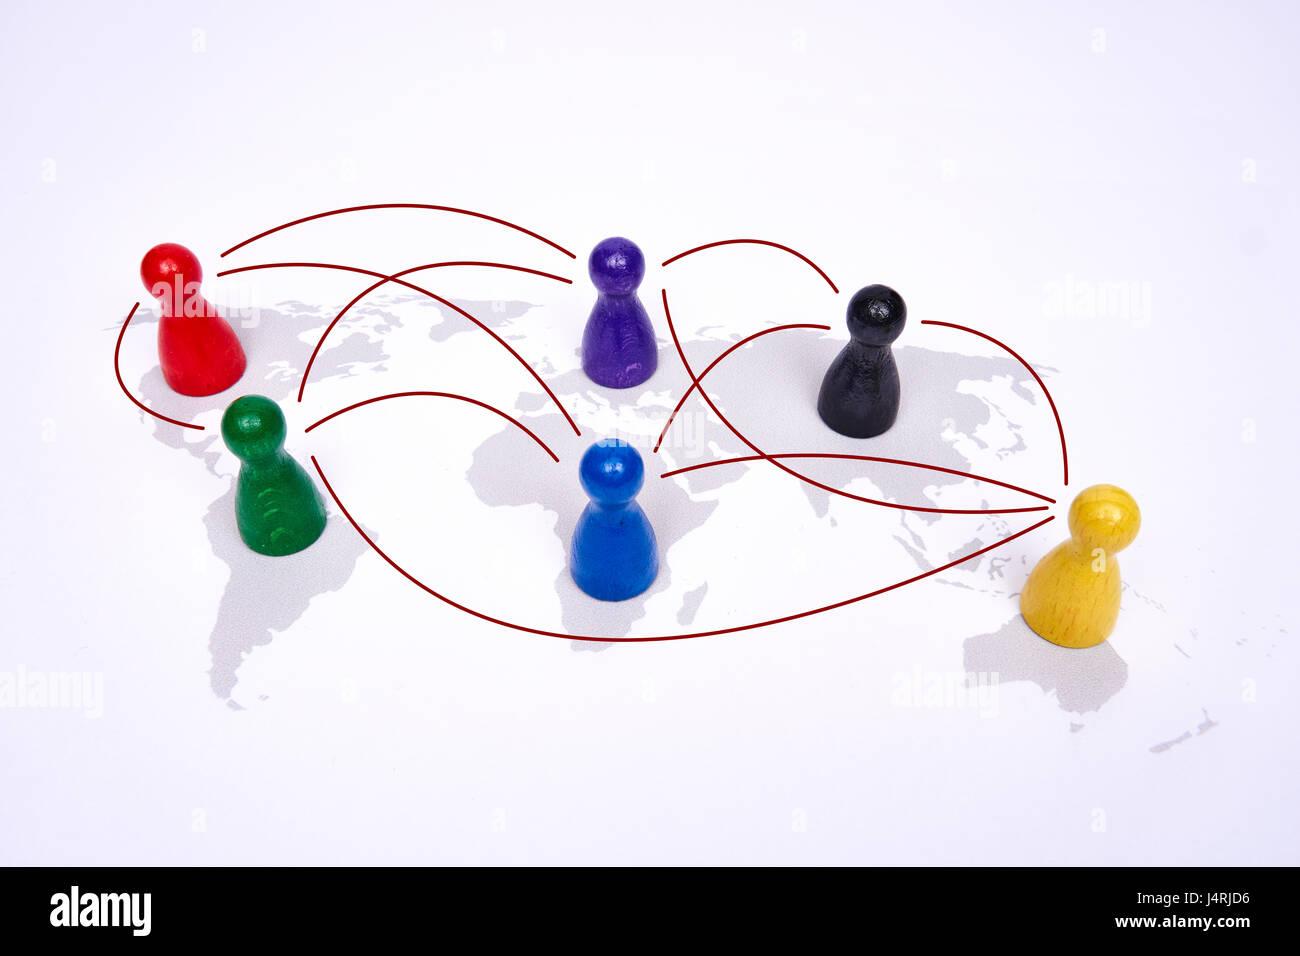 Concetto di globalizzazione, global business, viaggi o connessione globale. Le figure colorate con linies di collegamento. Immagini Stock